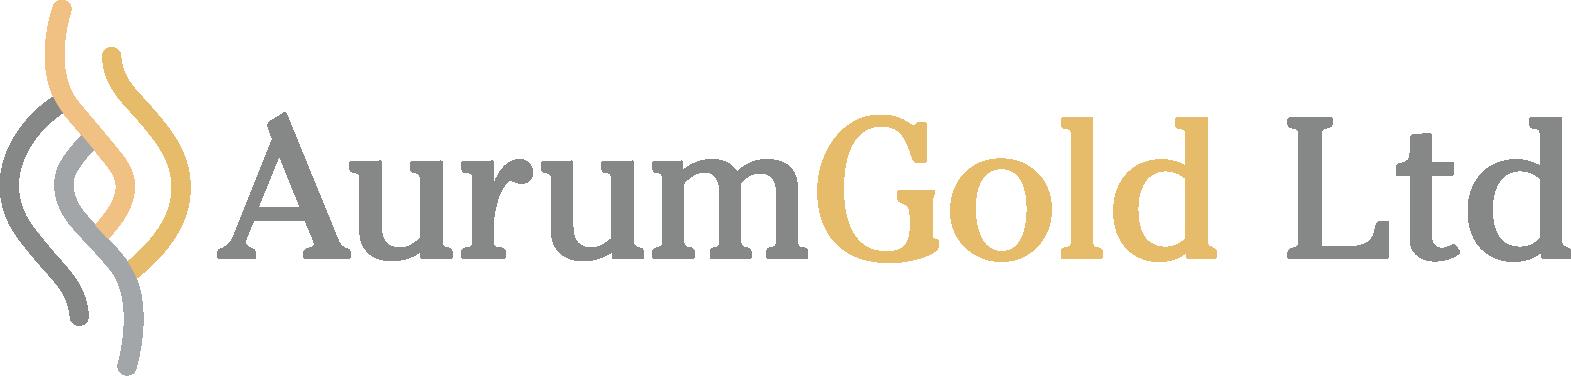 AurumGold